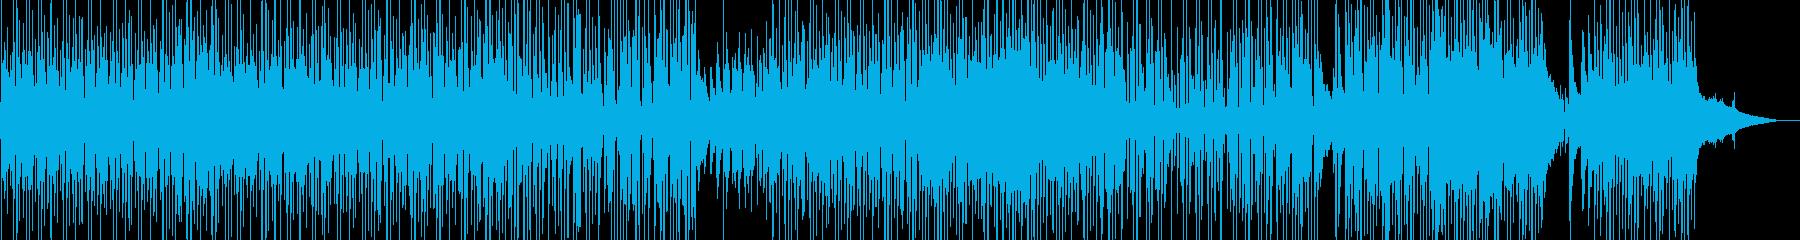 アコギ・ほのぼの映像や作品にの再生済みの波形